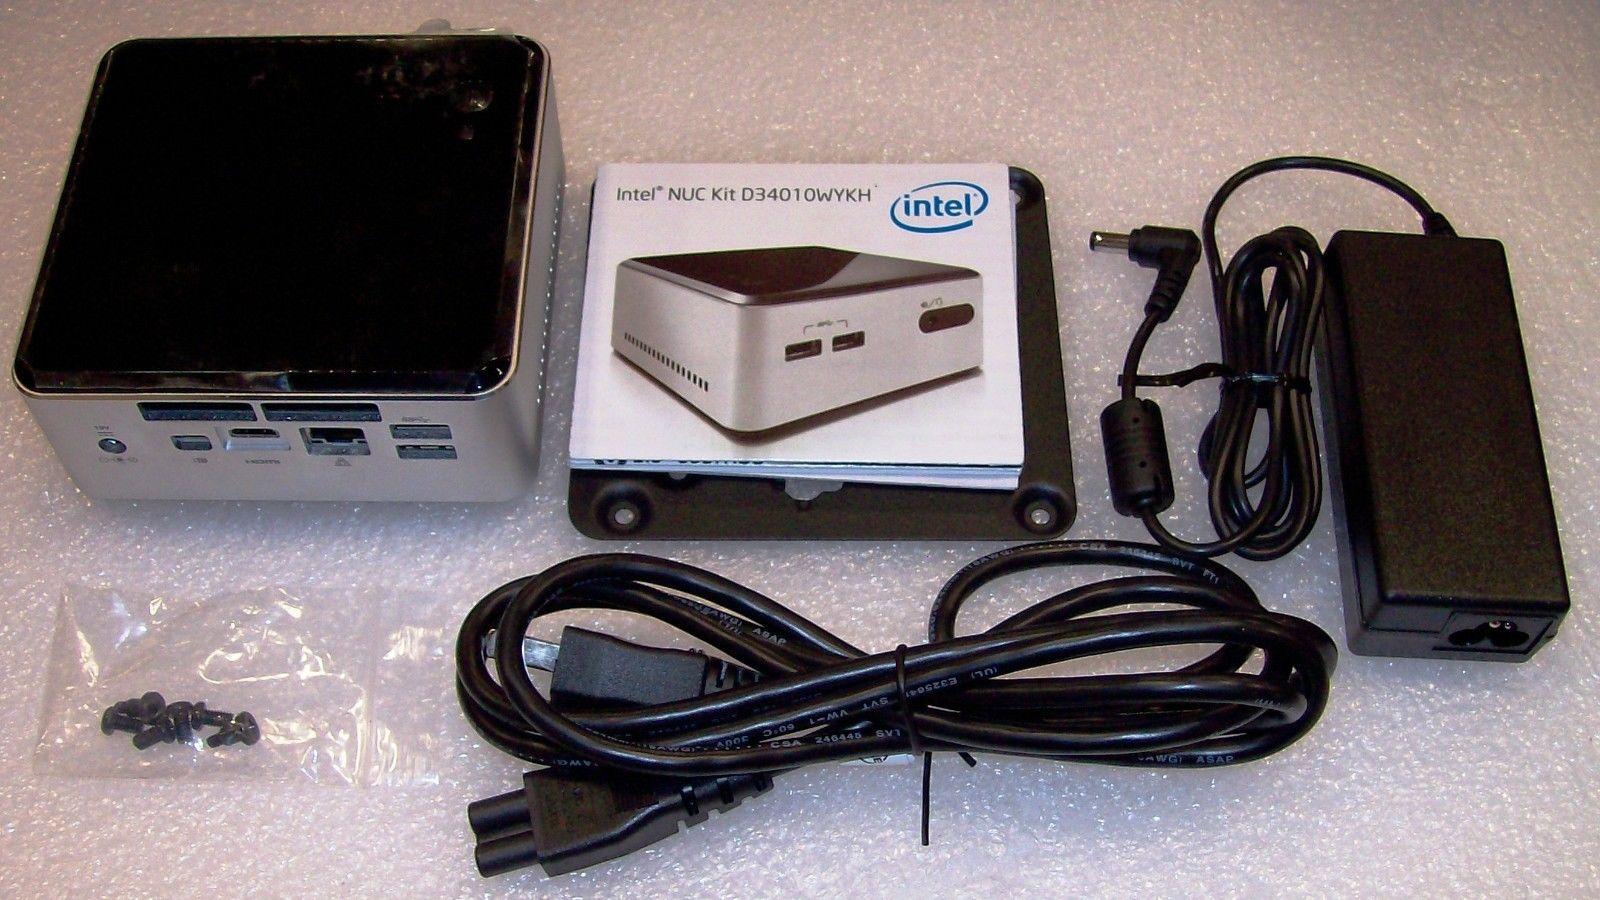 Máy ộ nhỏ gọn chưa SSD và ram, intel Core i3 4010U, (D34010WYKH1)